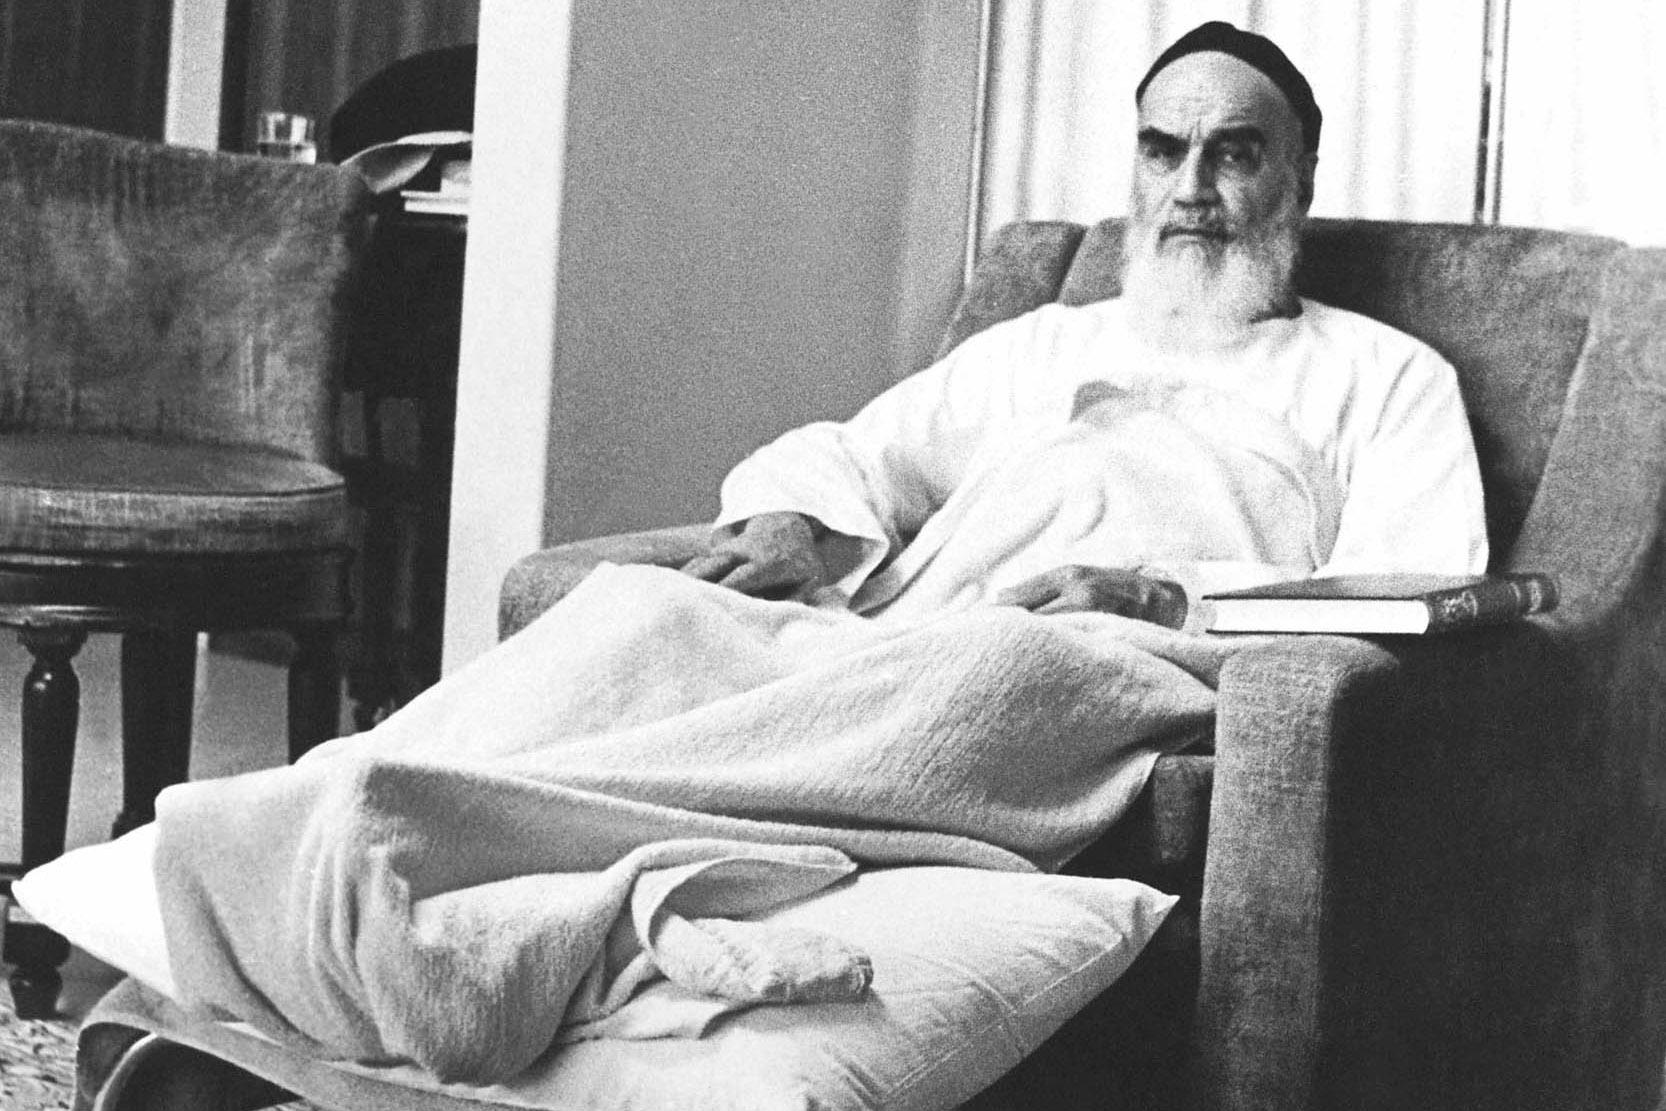 روایت متفاوت خادم امام خمینی (ره) از واپسین روزهای حیات ایشان